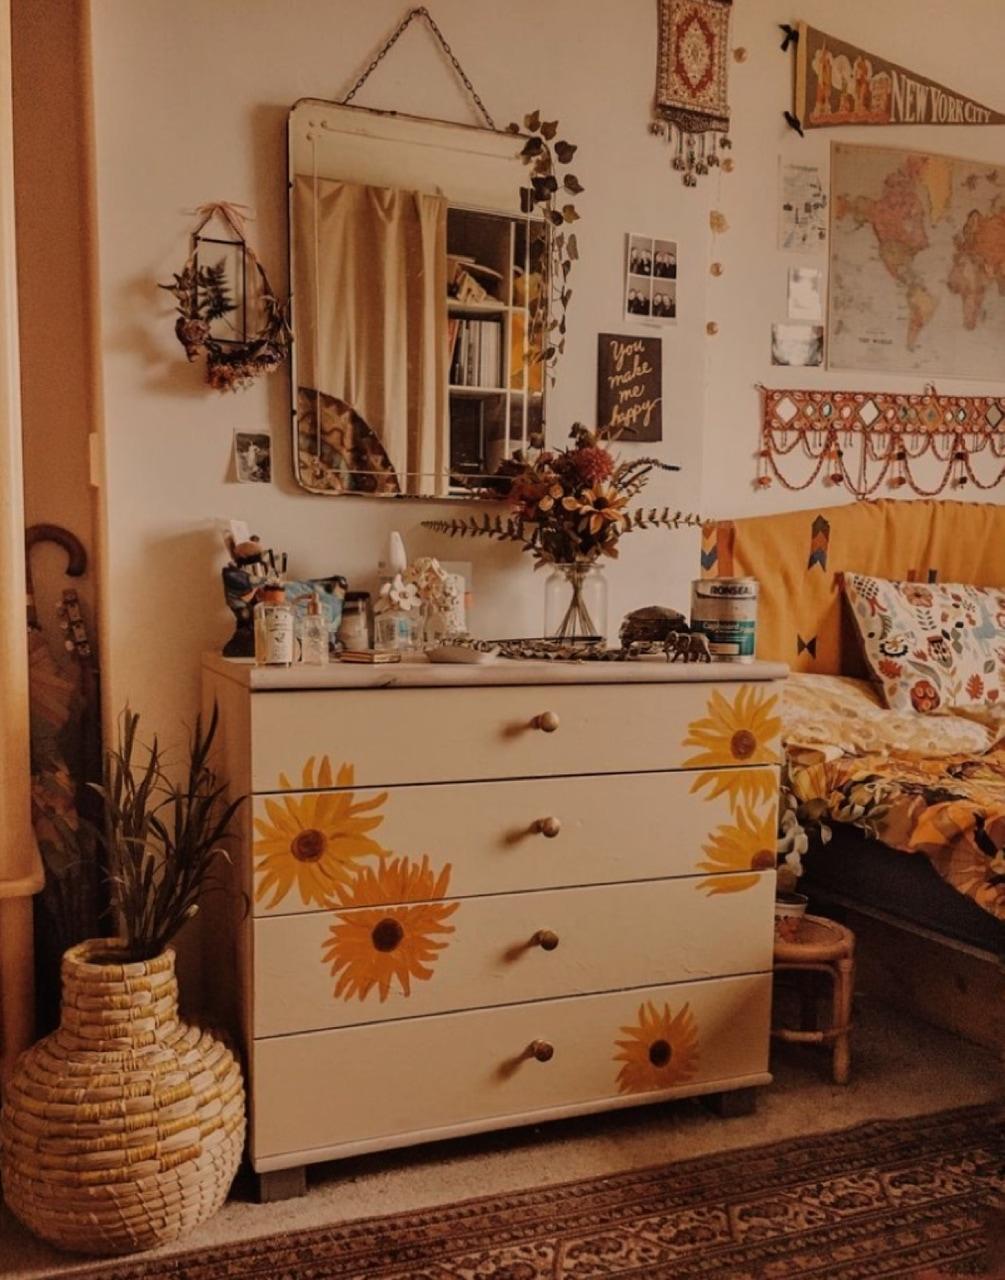 Top 5 trang trí phòng trọ đẹp, kinh phí chưa tới 500K bằng đồ handmade